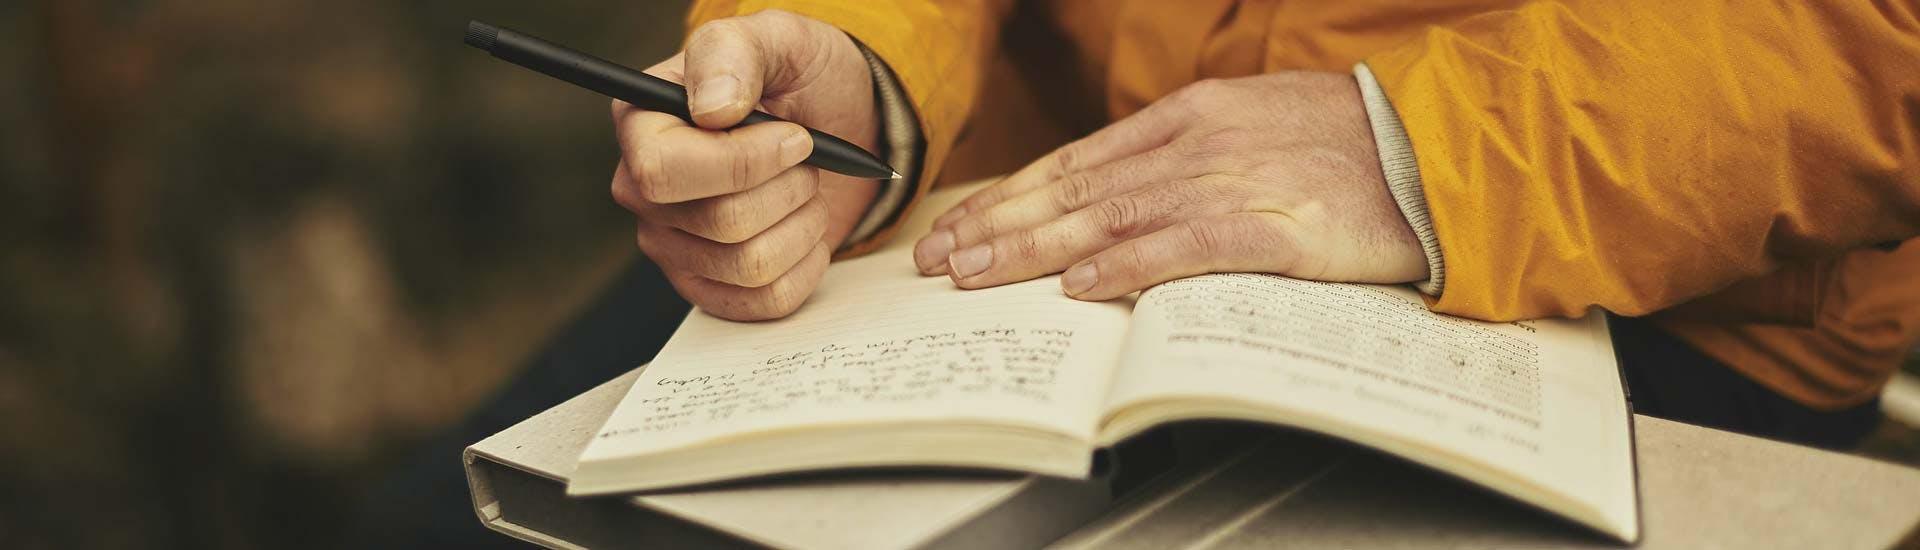 Kiitollisuus saattaa löytyä kiitollisuuspäiväkirjan avulla.